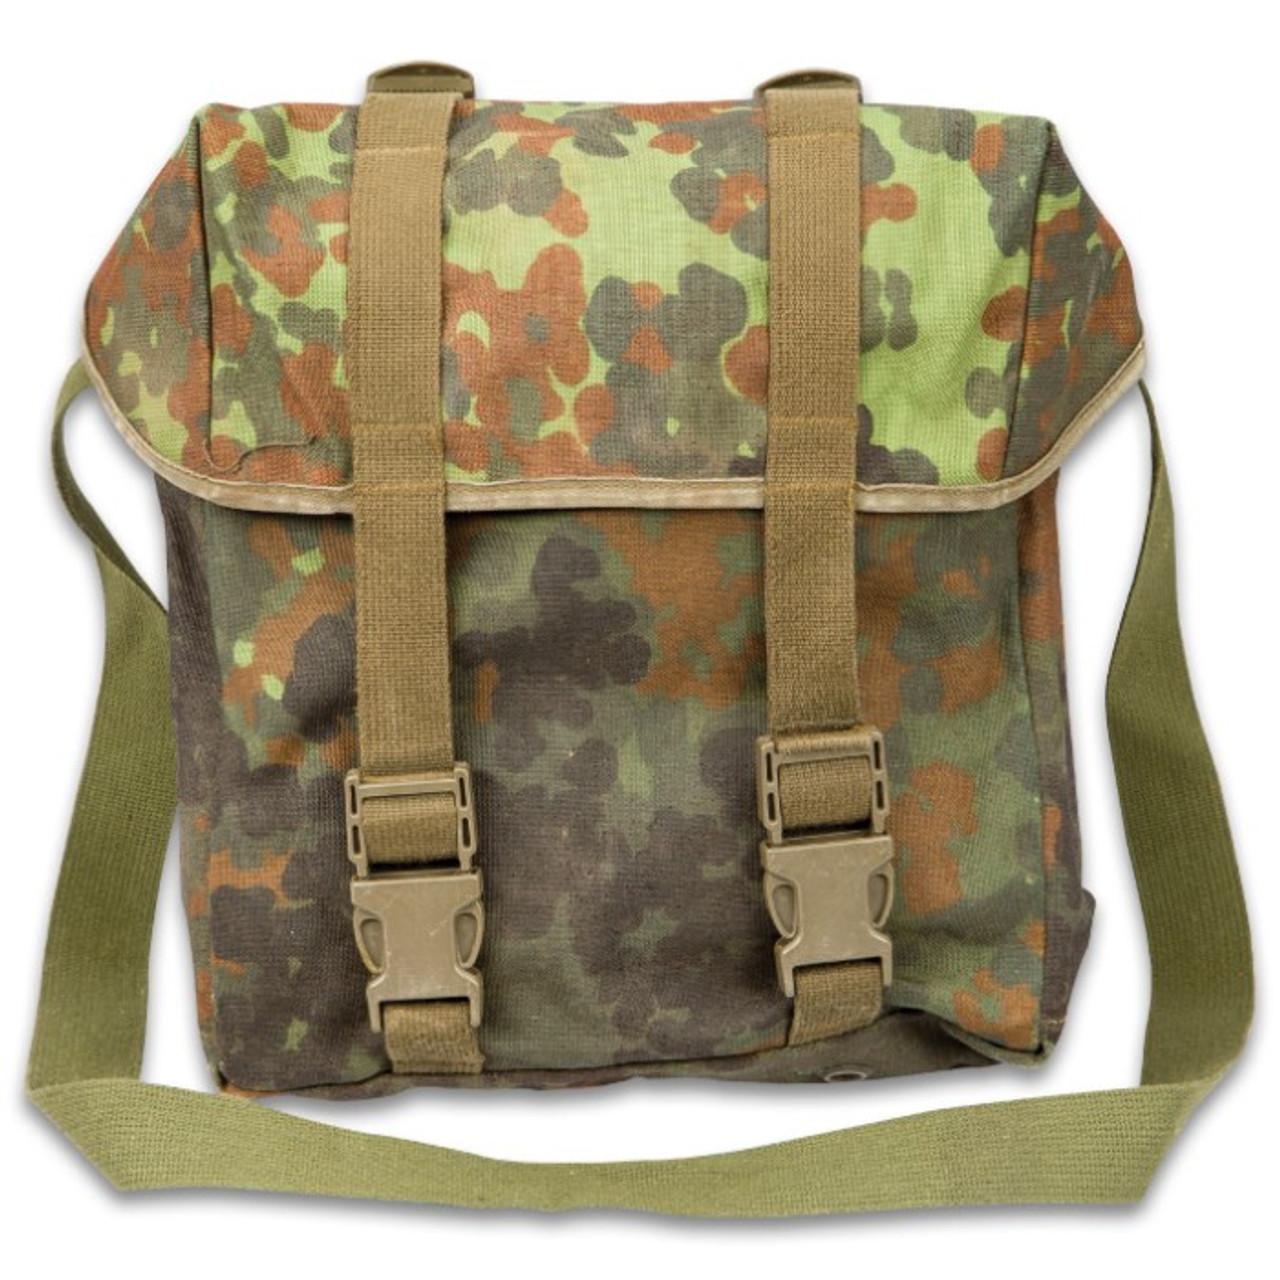 8c55de81f German Military Surplus Combat Pack / Shoulder Bag - Flecktarn Camo - Hero  Outdoors